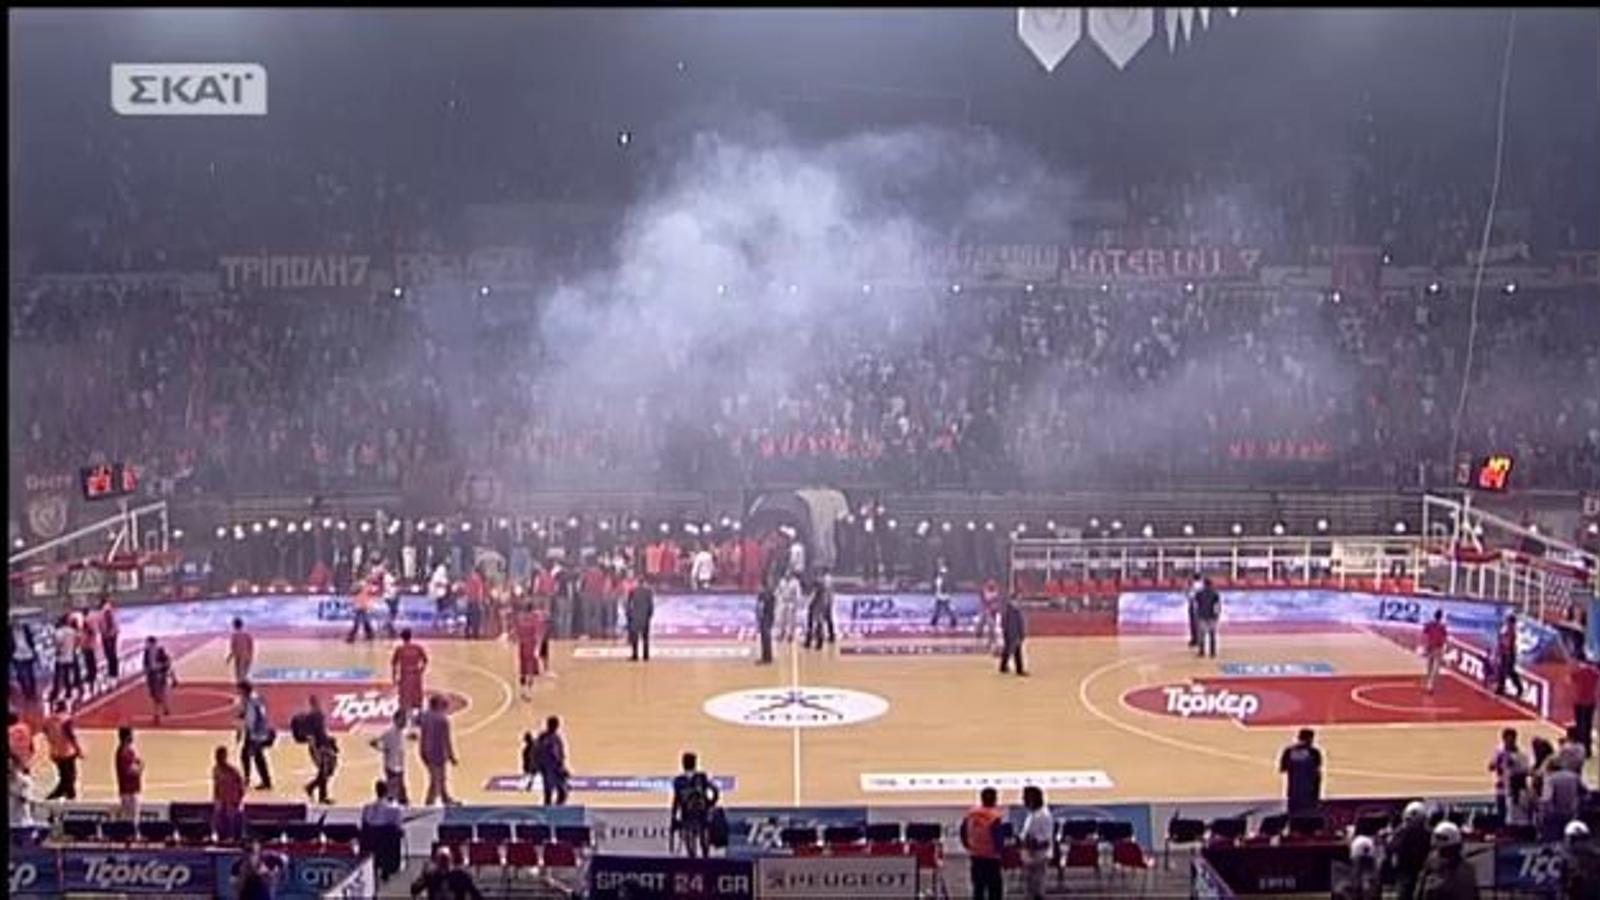 La final de la lliga grega de bàsquet, suspesa pel llançament de bengales